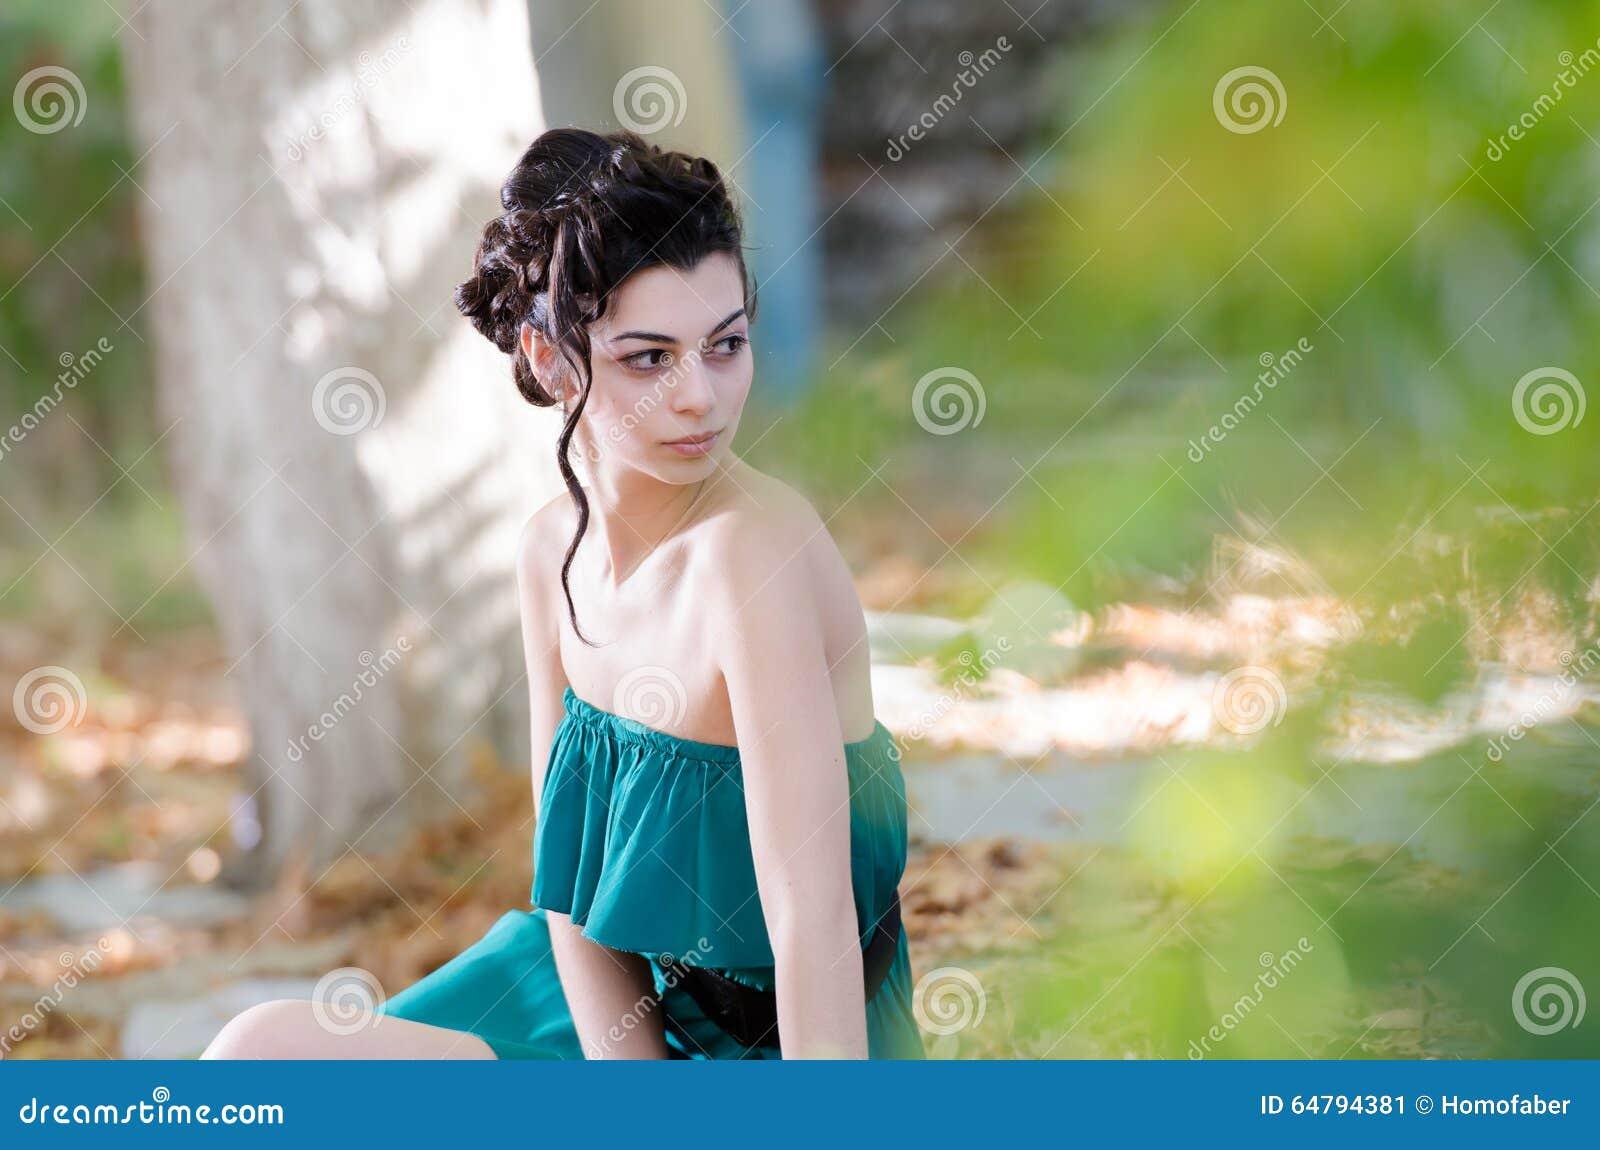 Forme a la mujer delgada que lleva la acera que se sienta del vestido corto sin tirantes verde